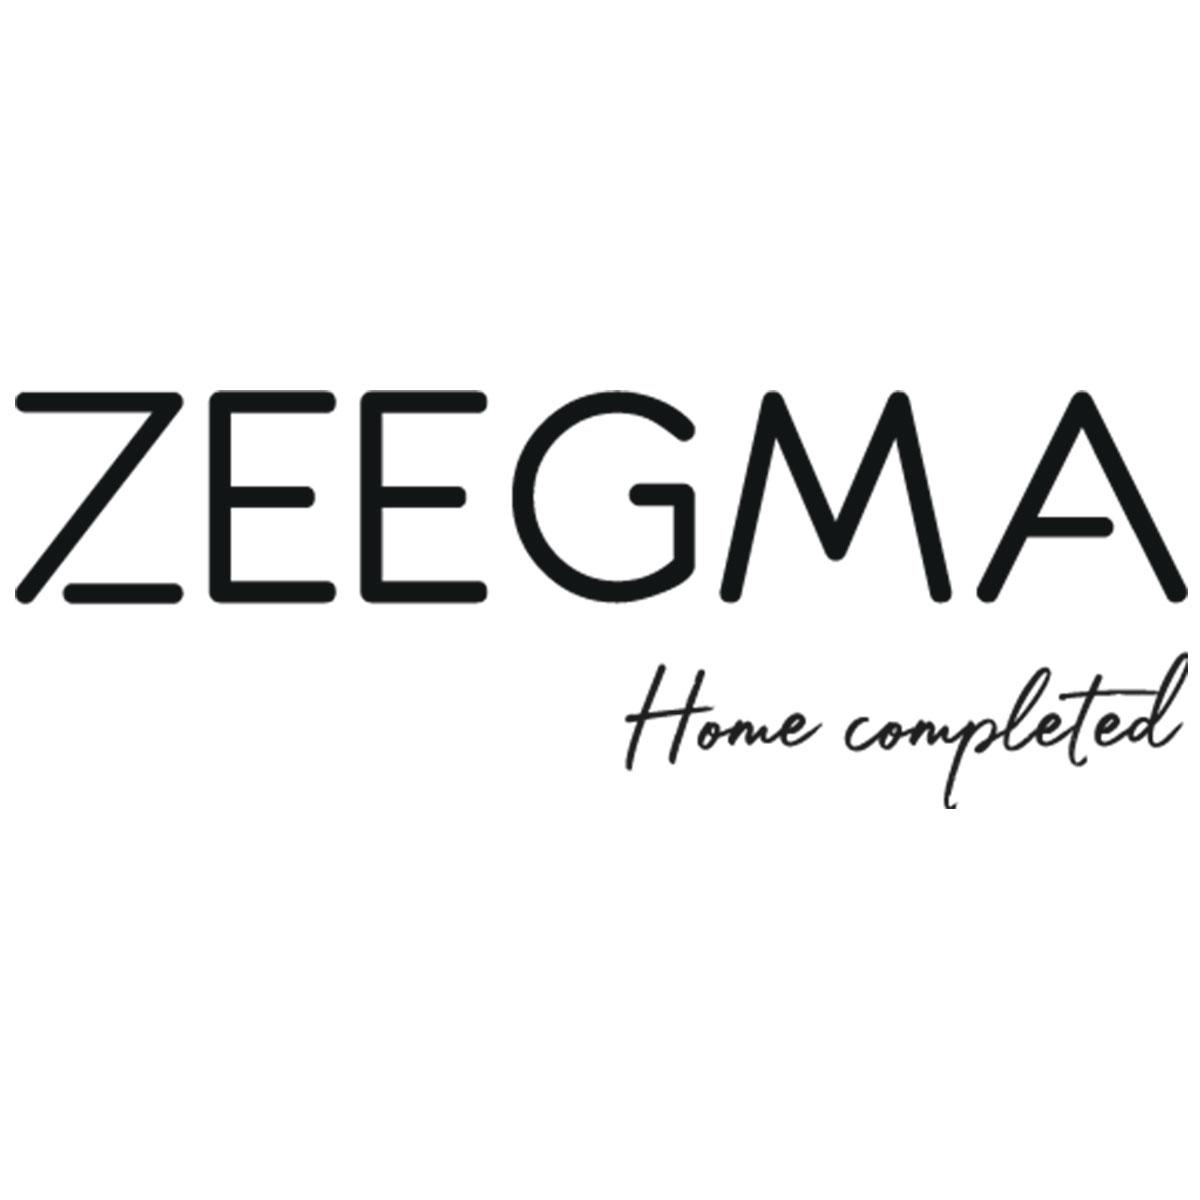 Zeegma